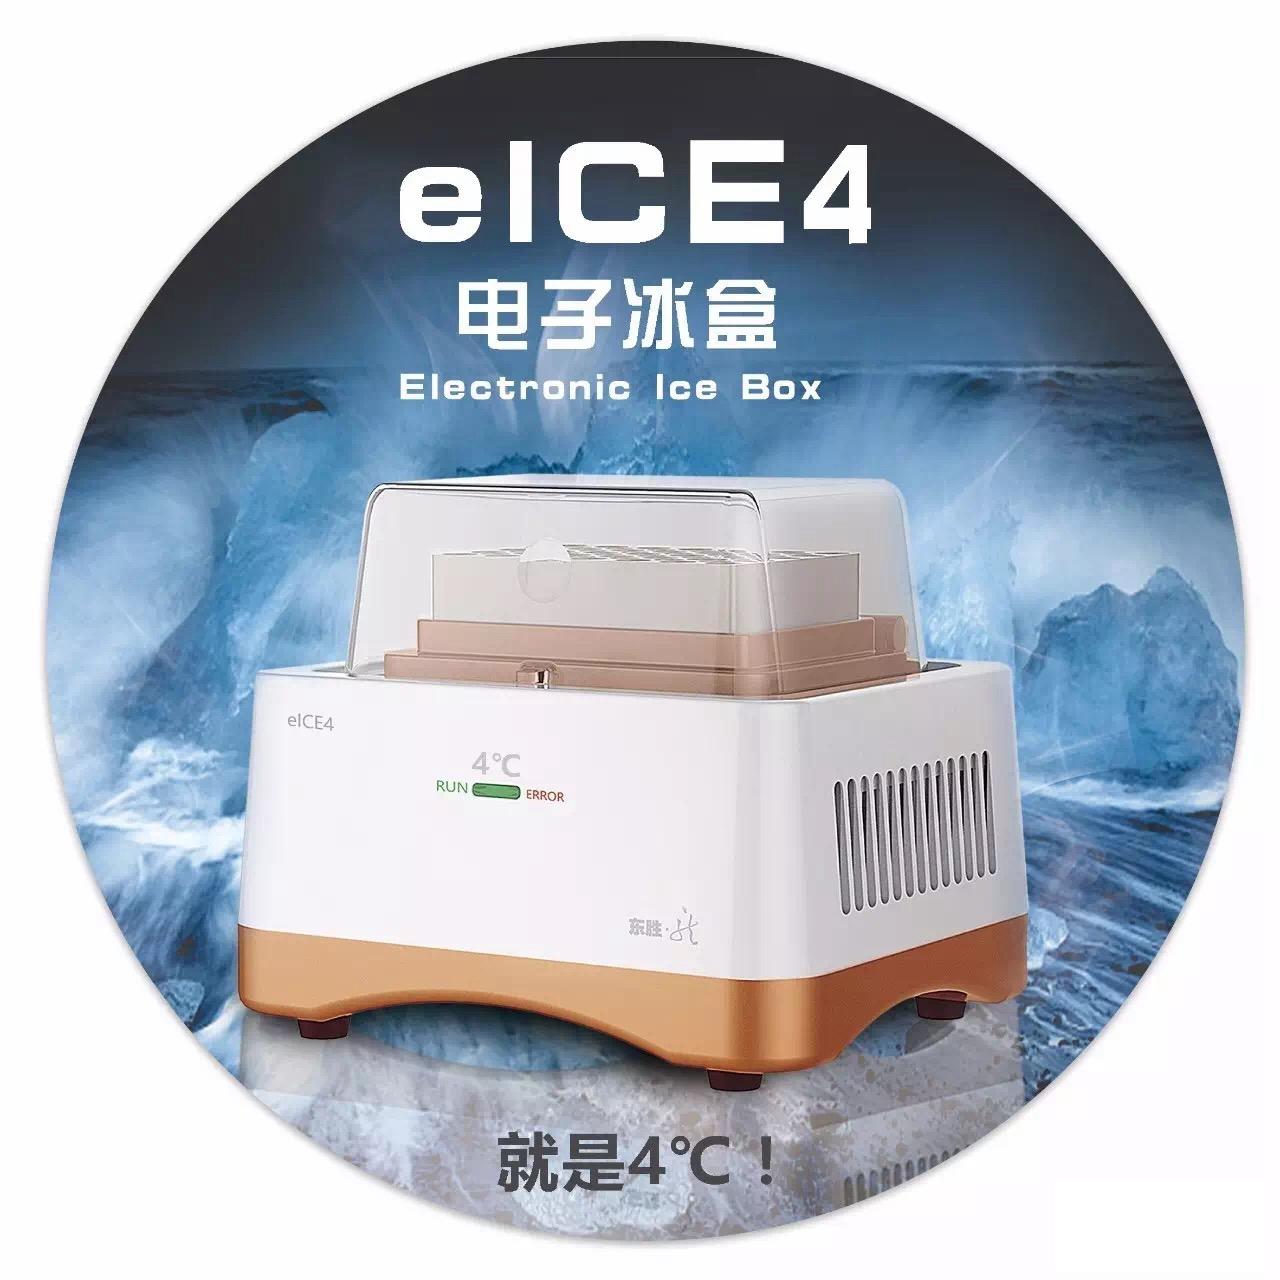 电子冰盒(Eelctronic lce Box)